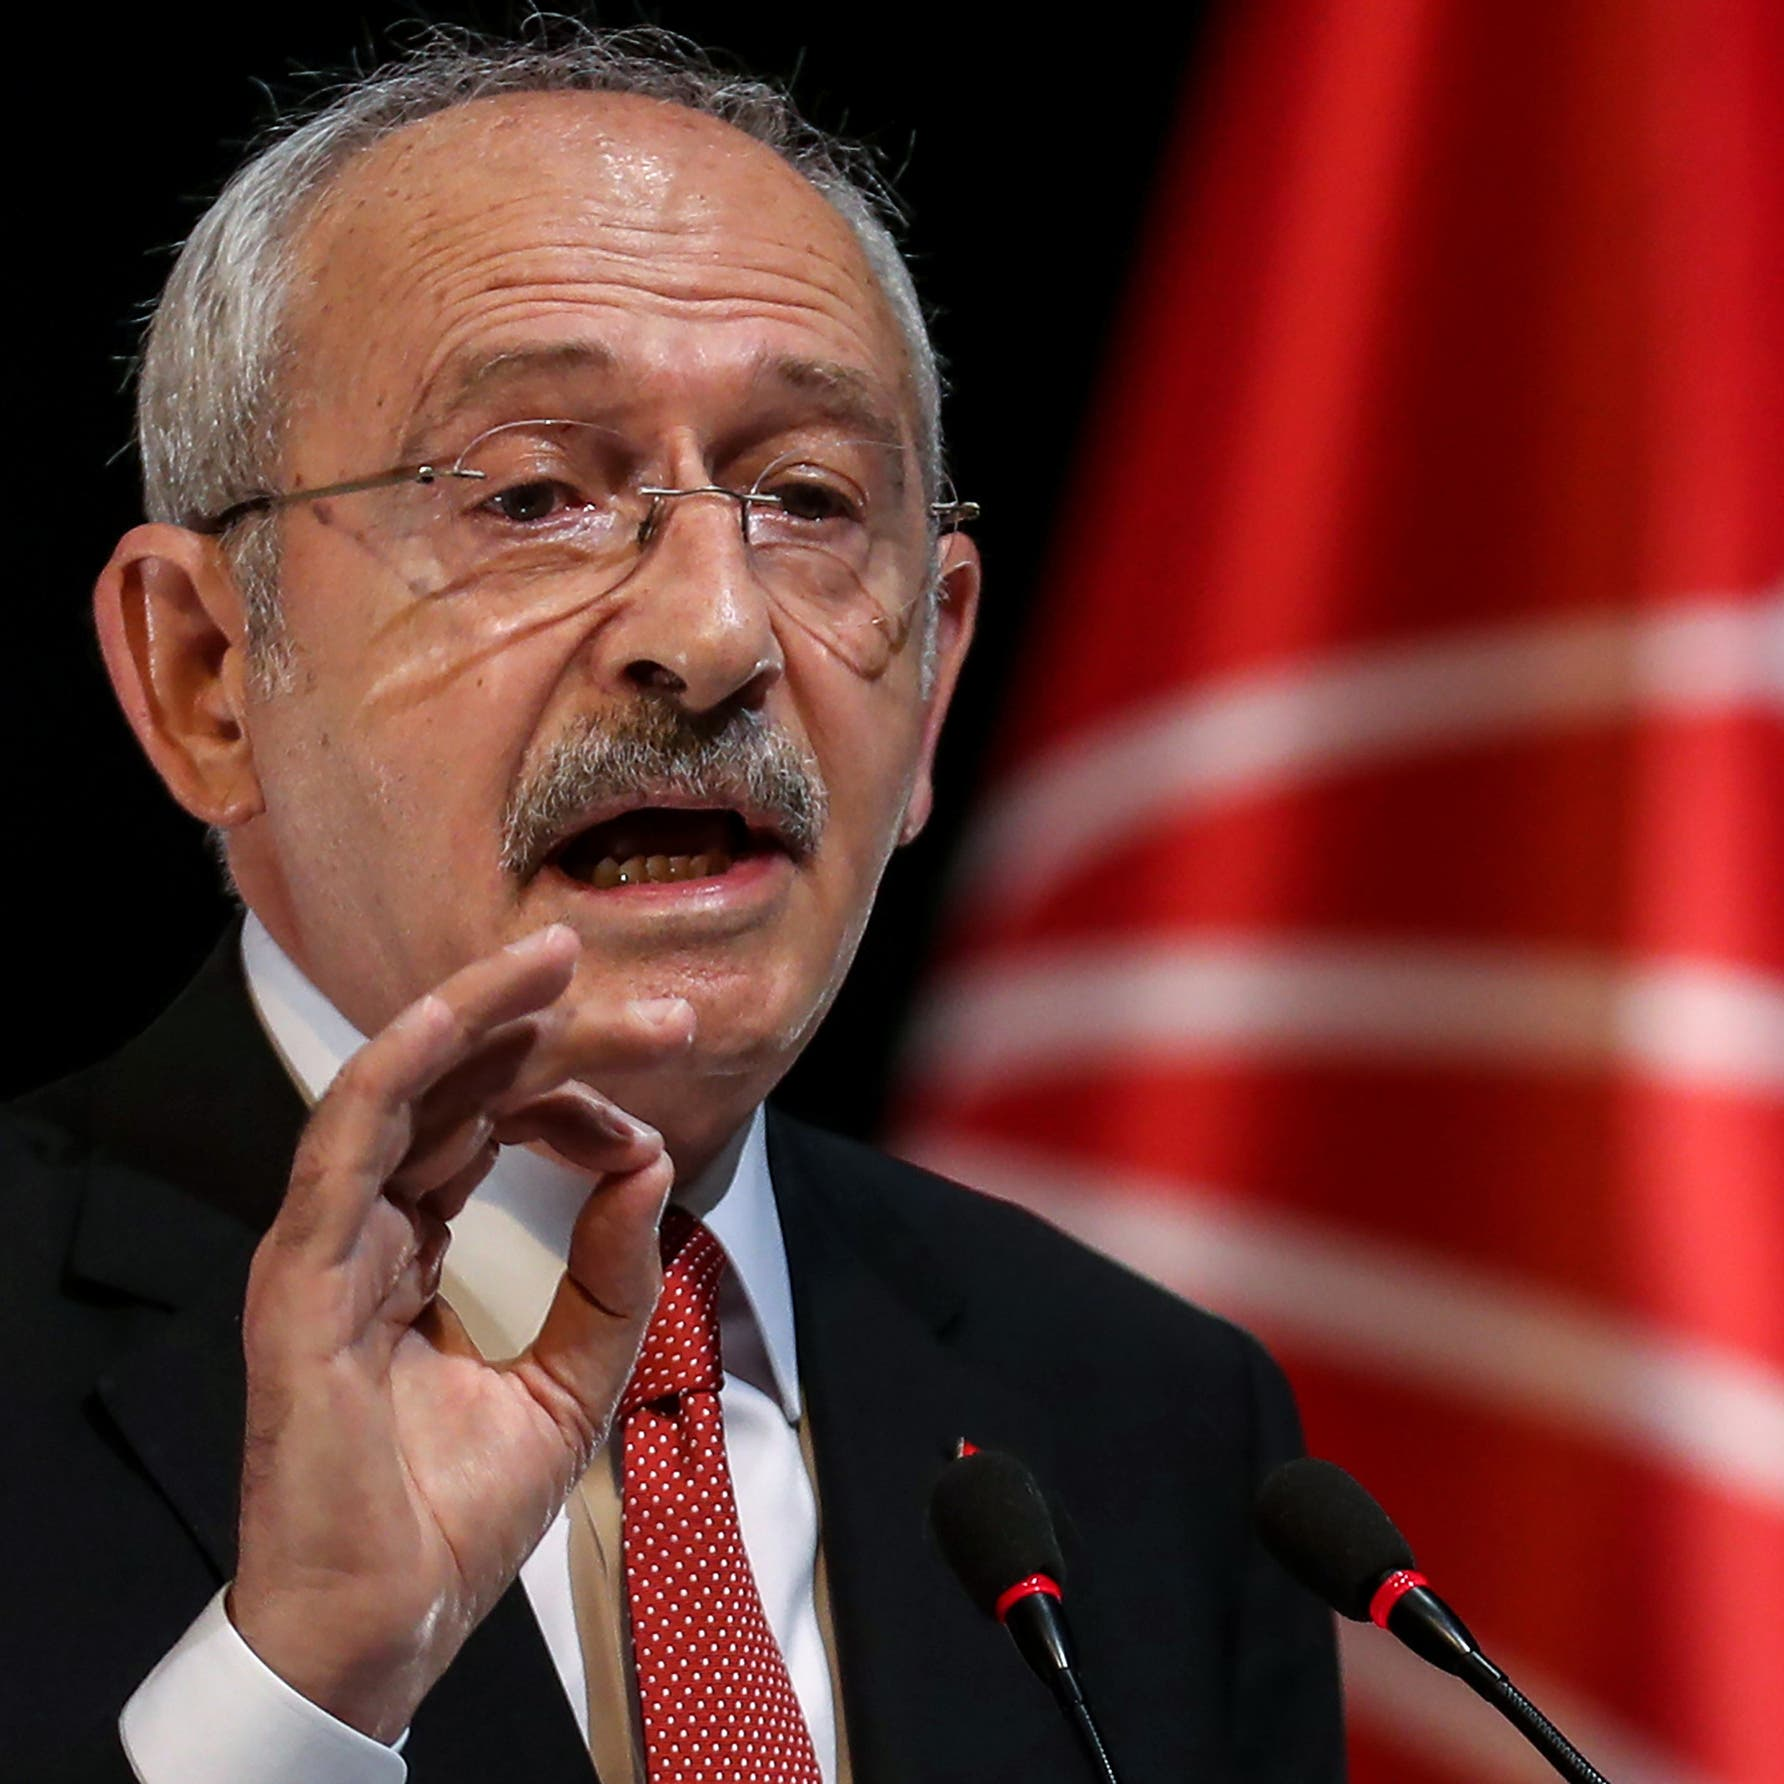 المعارضة تستغل تراجع شعبية أردوغان وتتجه لمواجهته في تحالف جديد